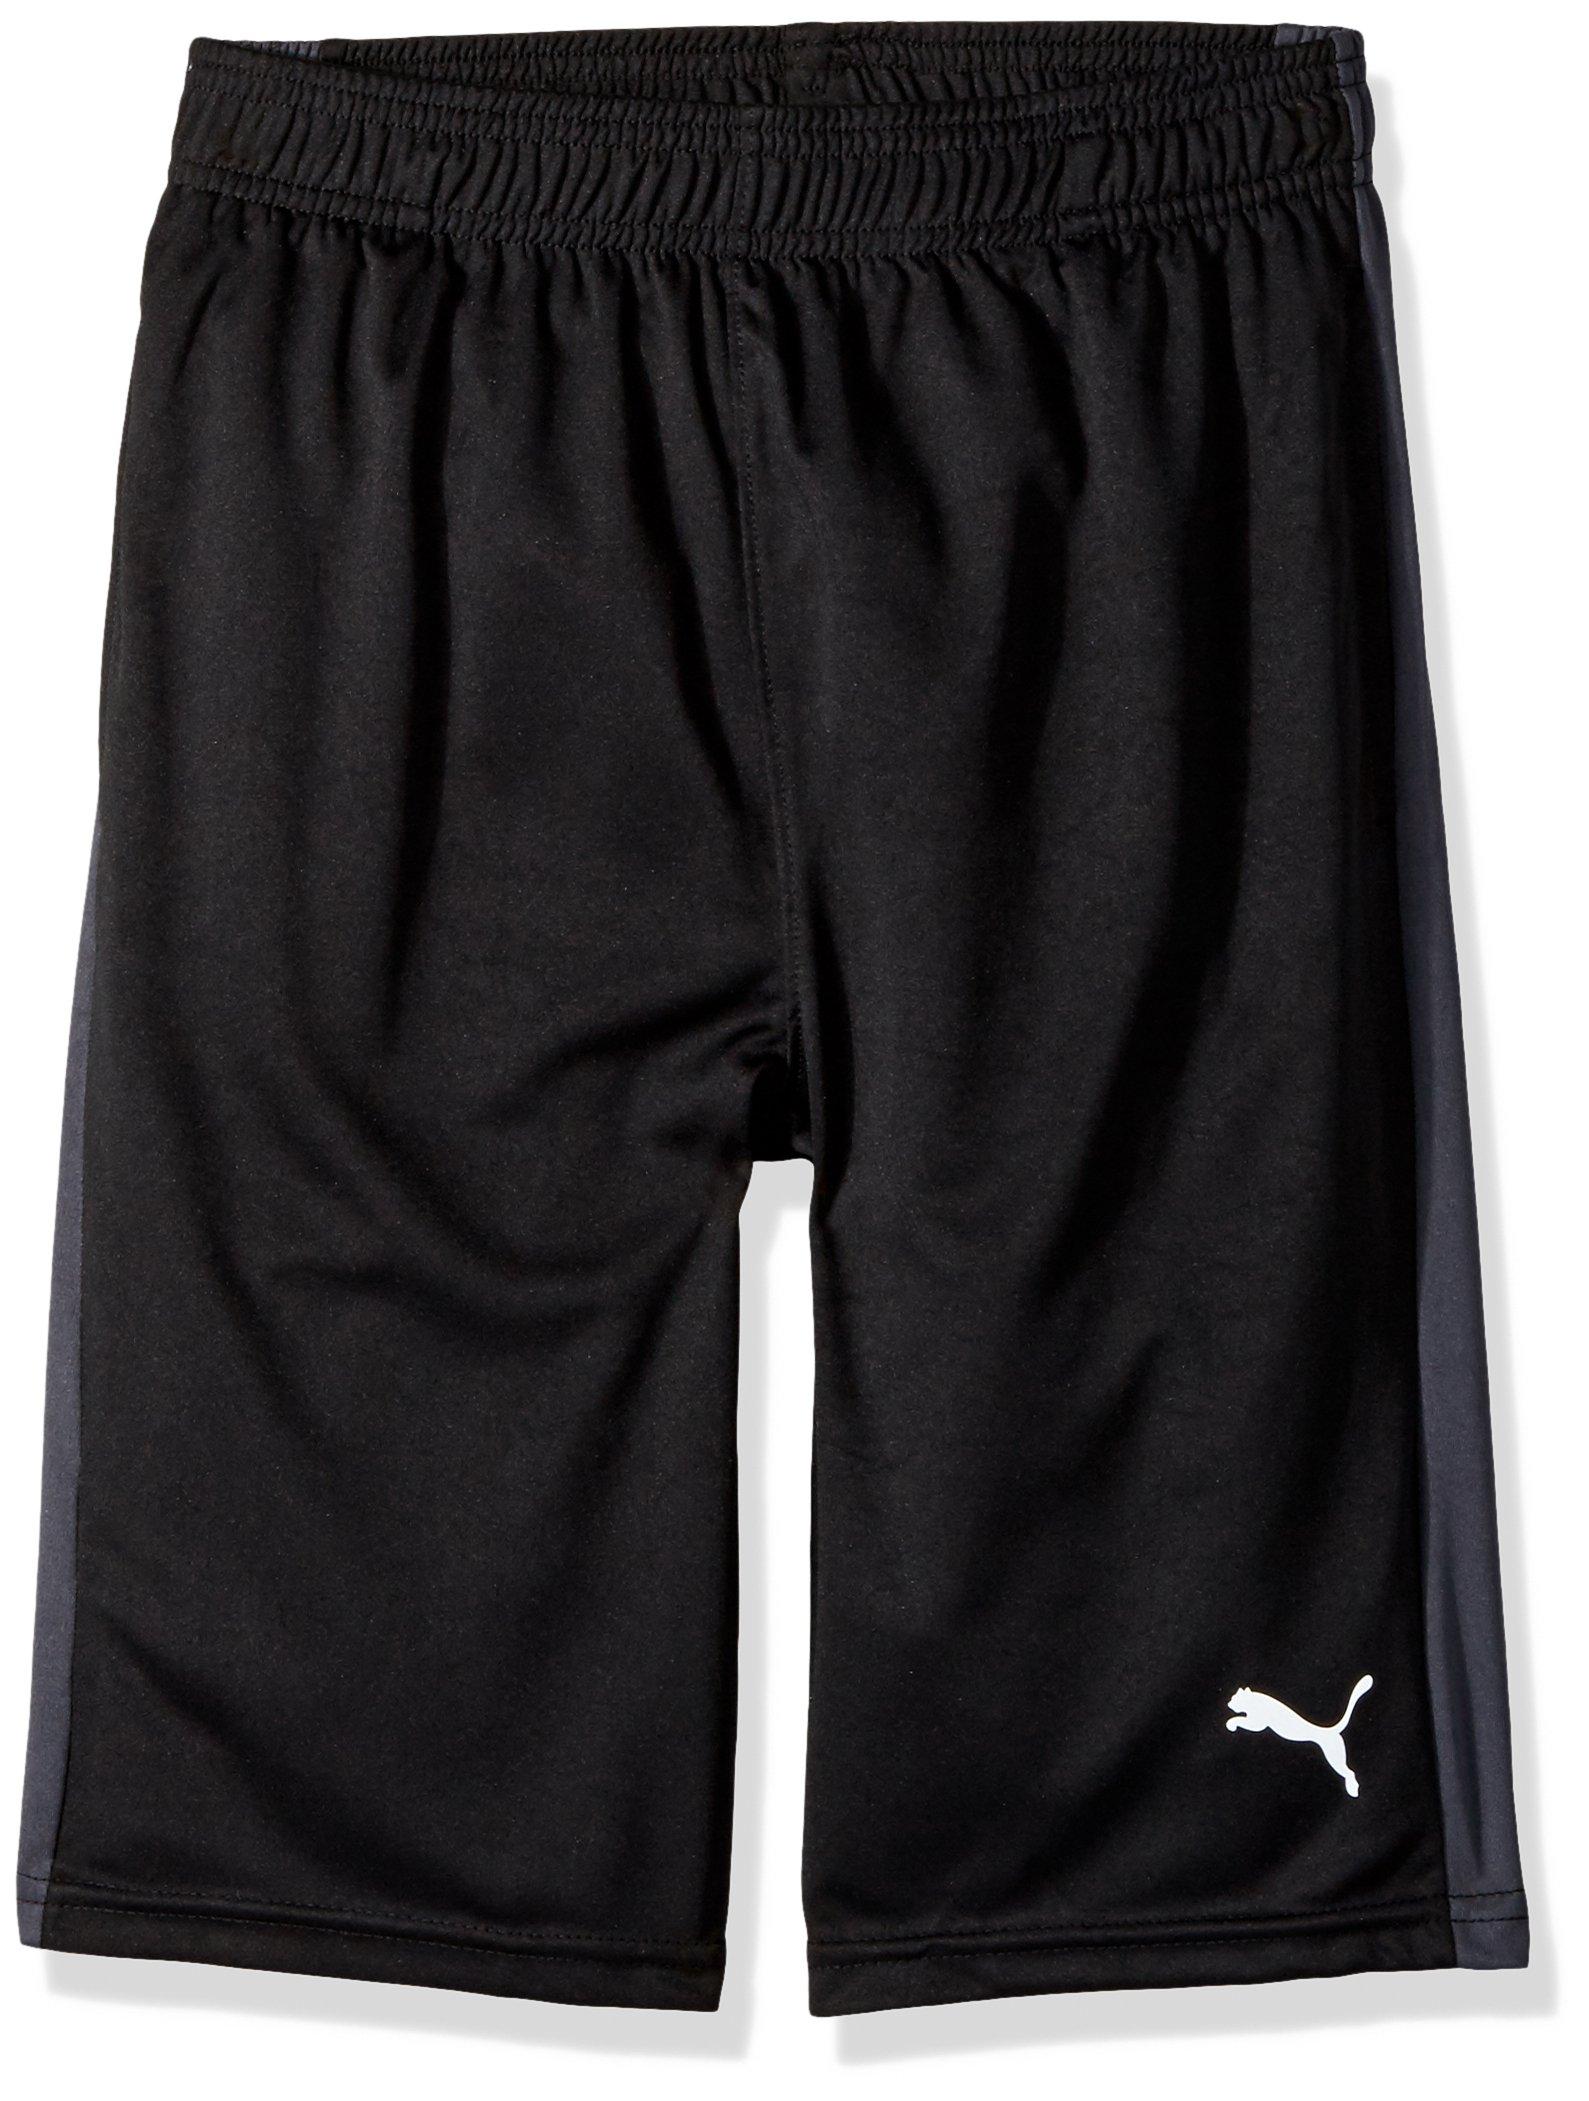 PUMA Big Boy's Puma Boys' Form Stripe Short Shorts, puma black, Extra Large by PUMA